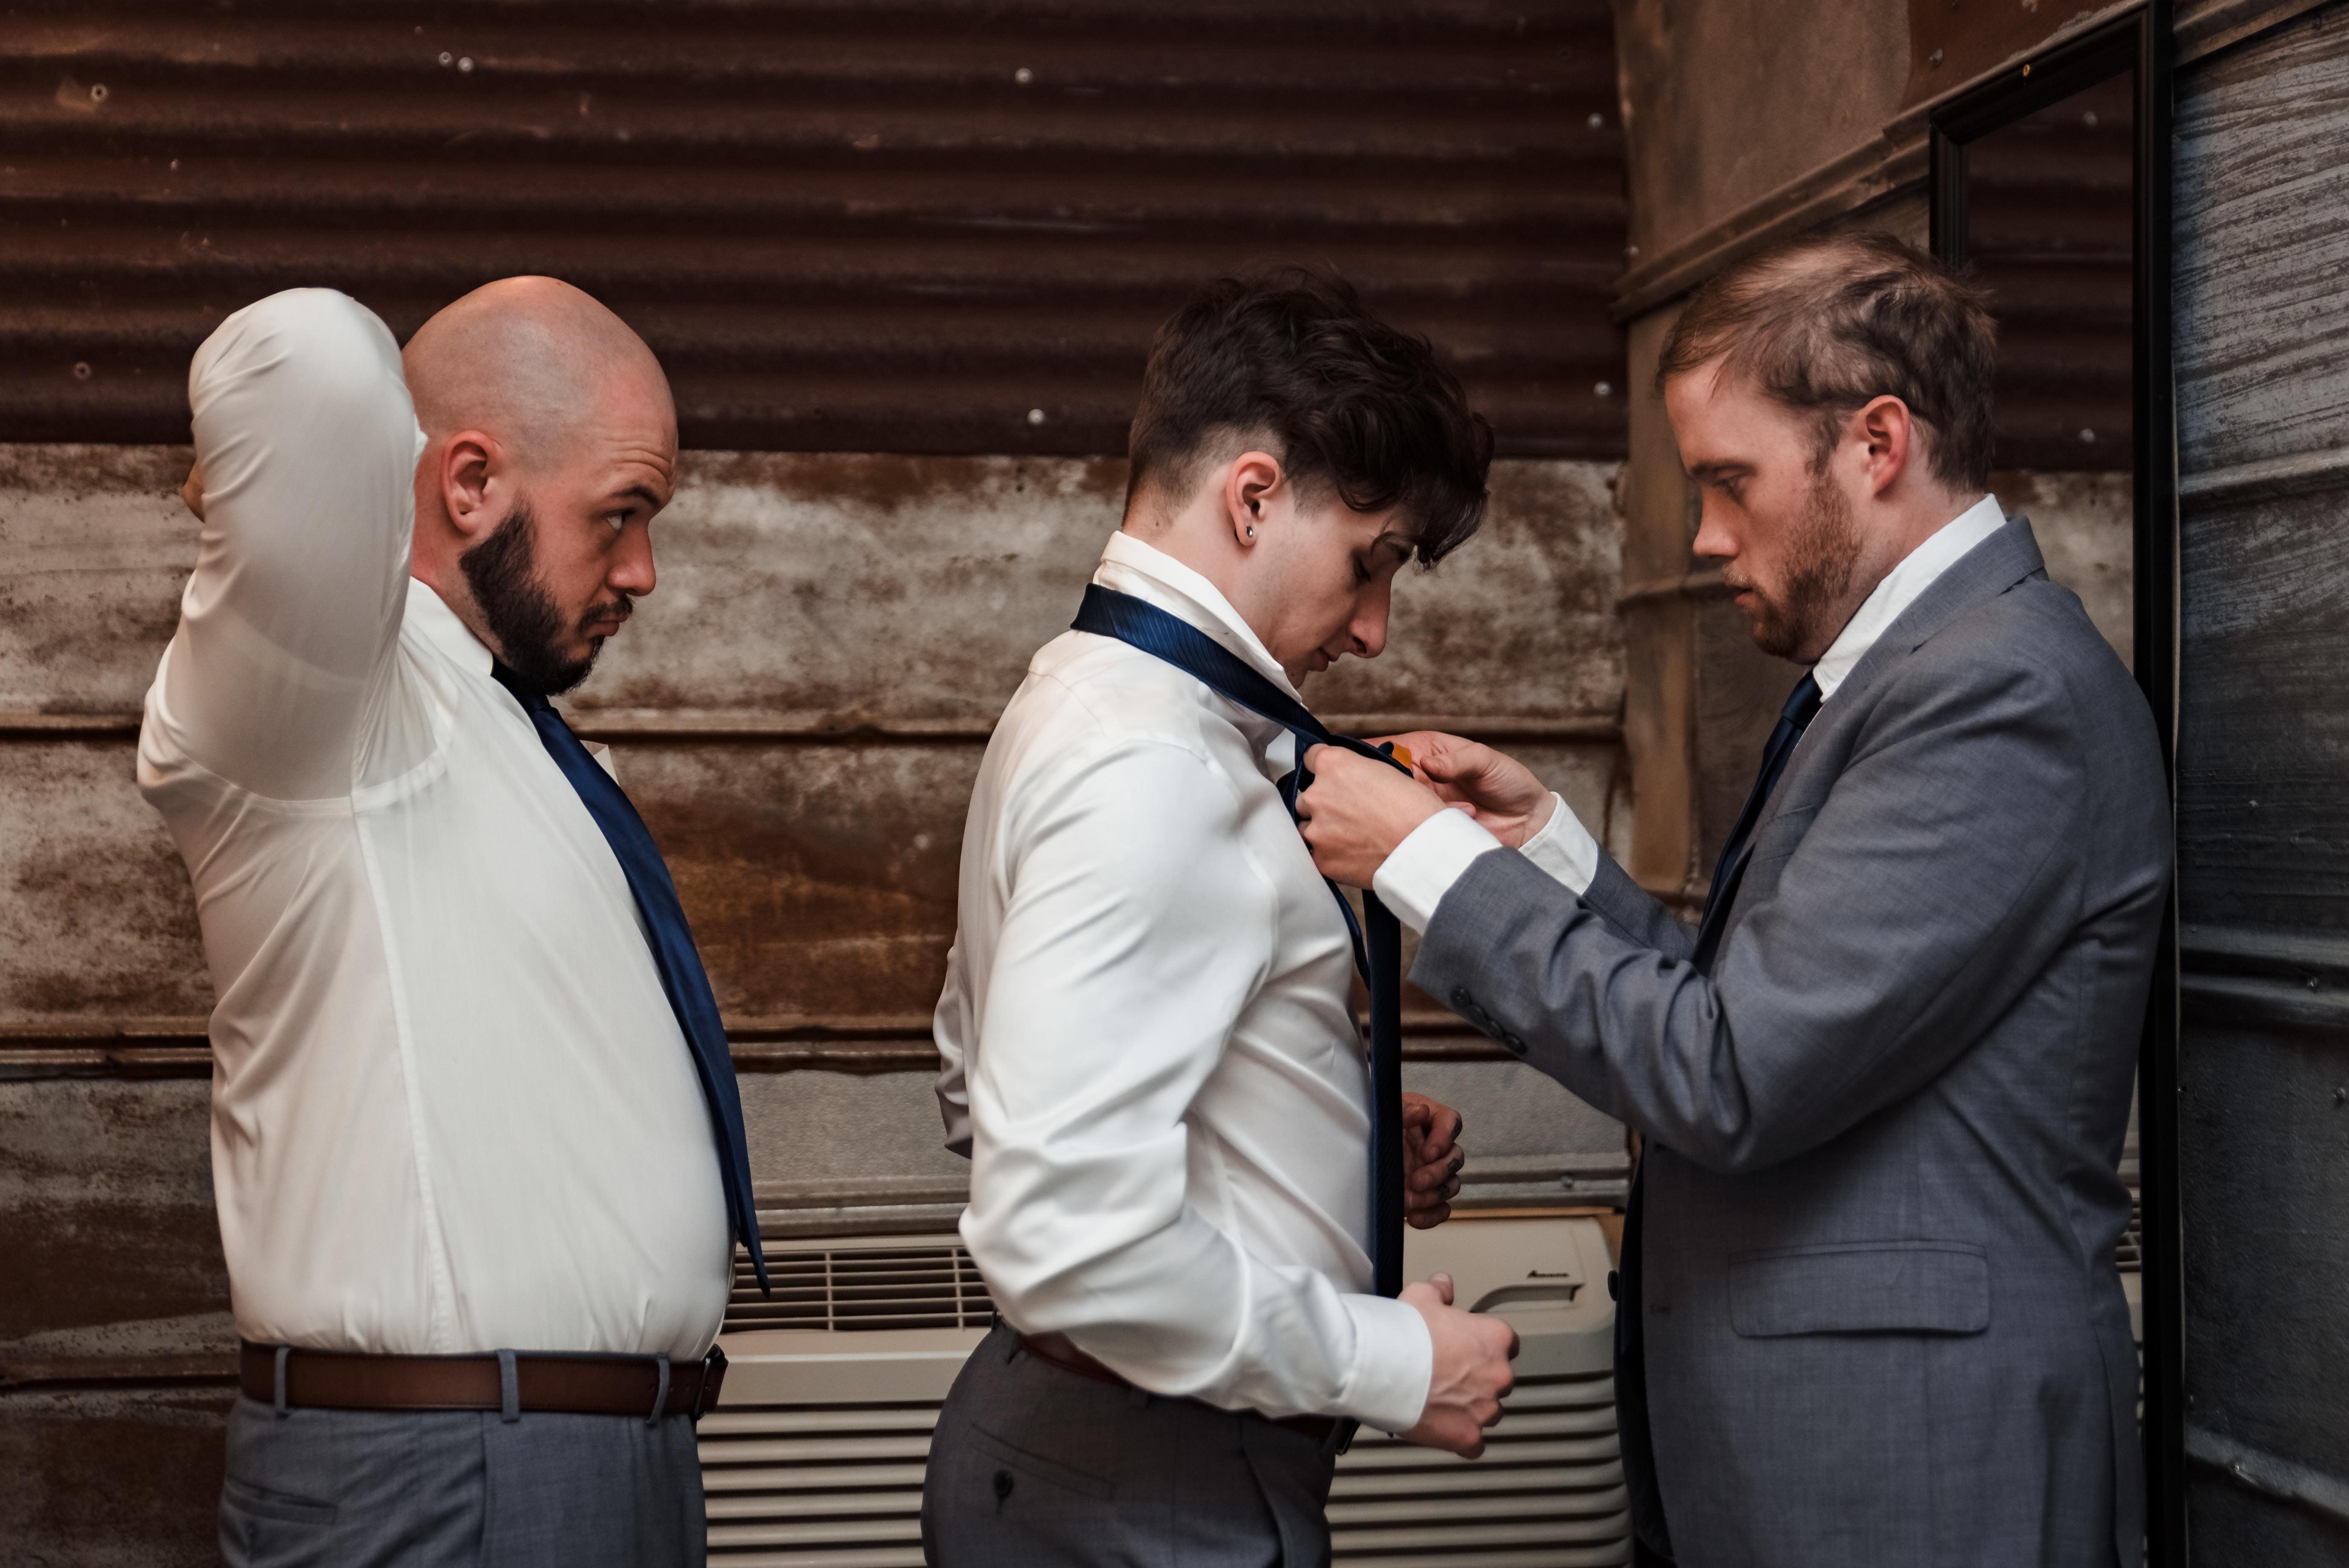 Groom helping groomsmen put on ties